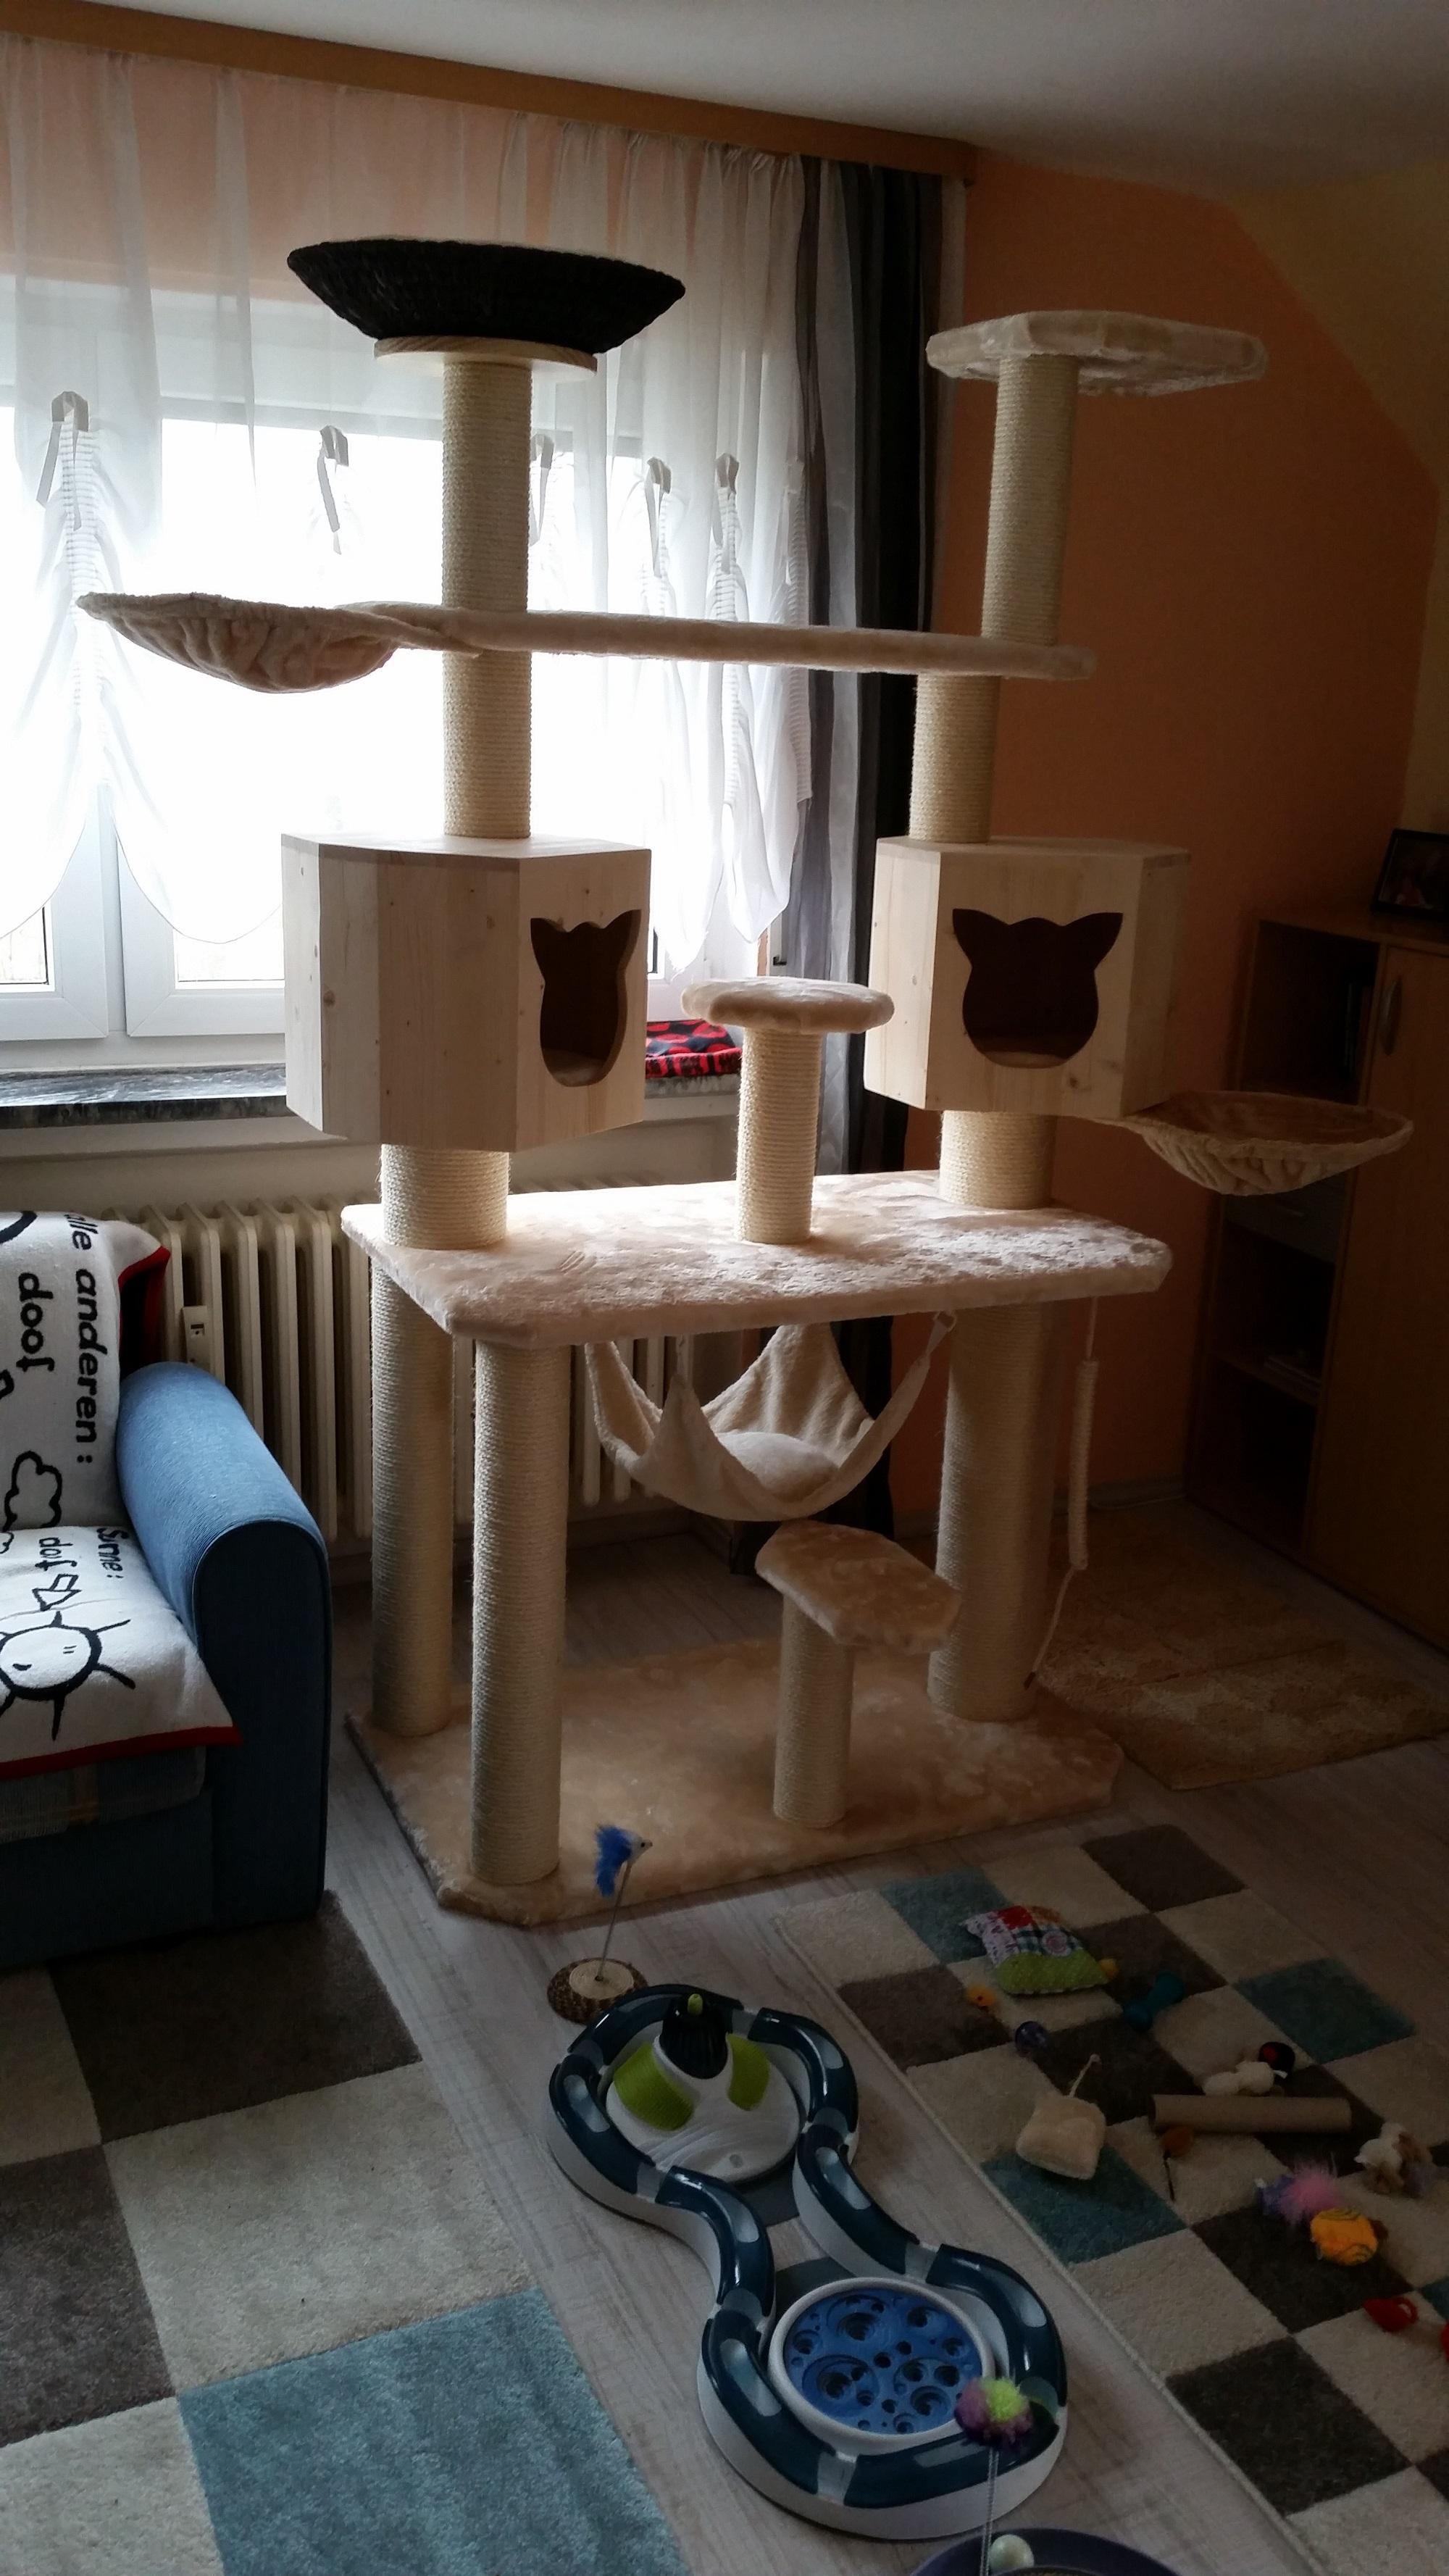 kratzbaum gigant mega kratzbaum aus dem hause kratzbaumwelt. Black Bedroom Furniture Sets. Home Design Ideas